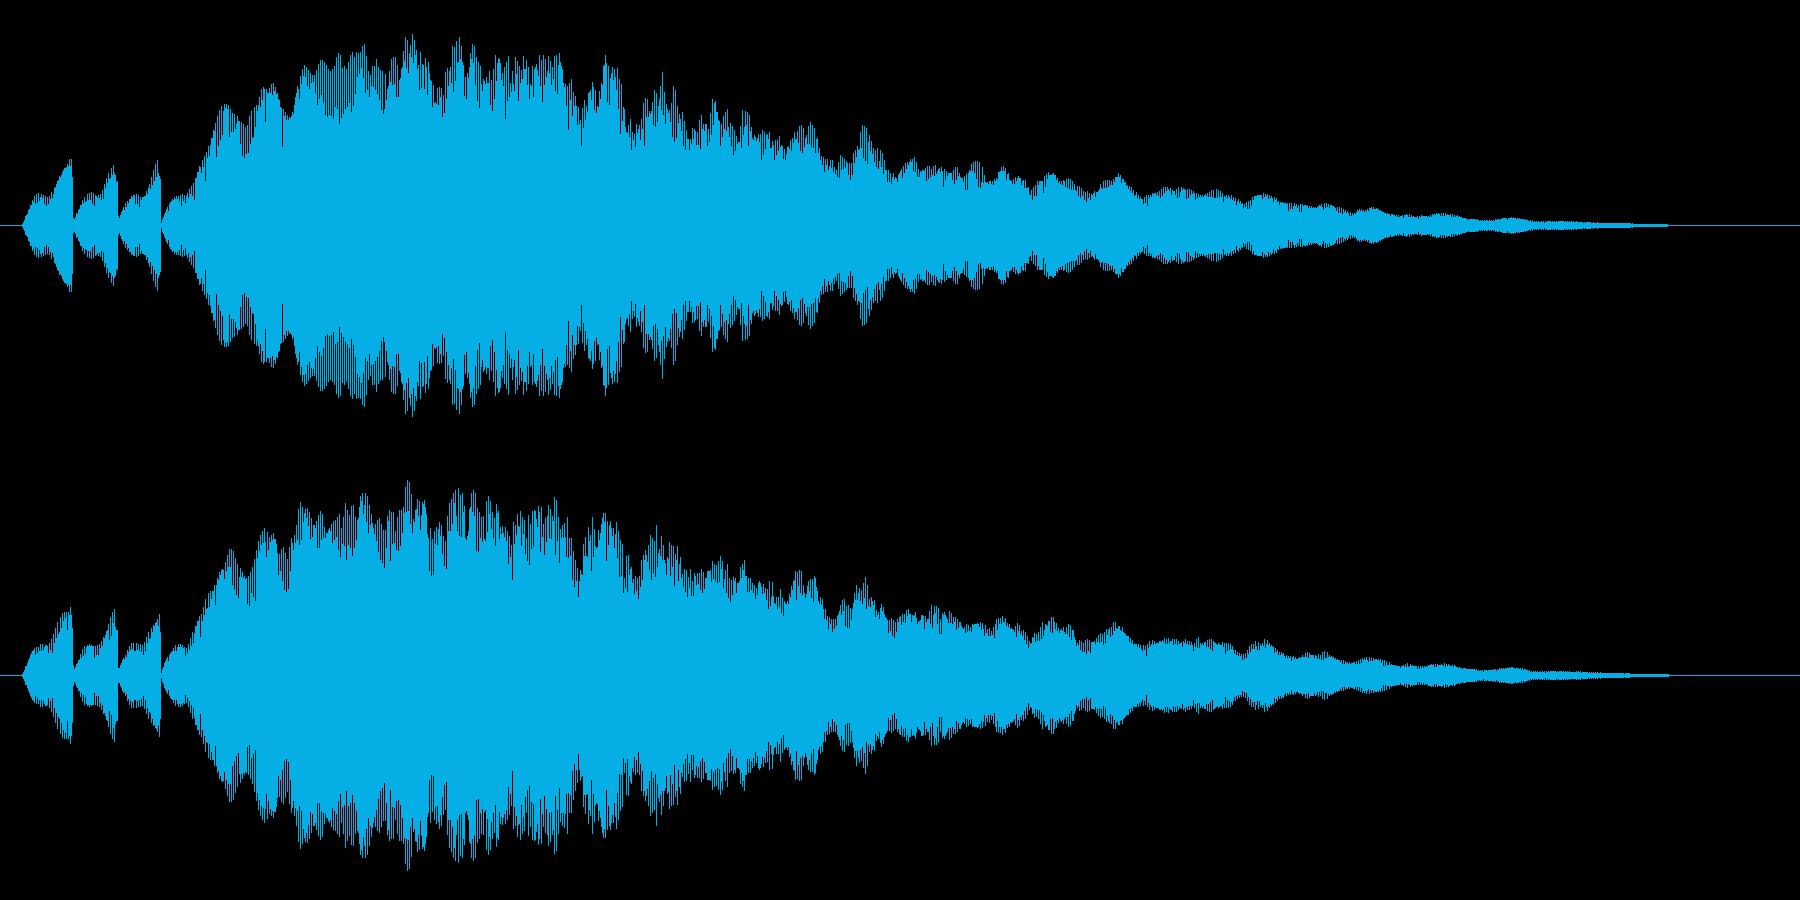 フゥフゥフゥフヮ~ン~の再生済みの波形